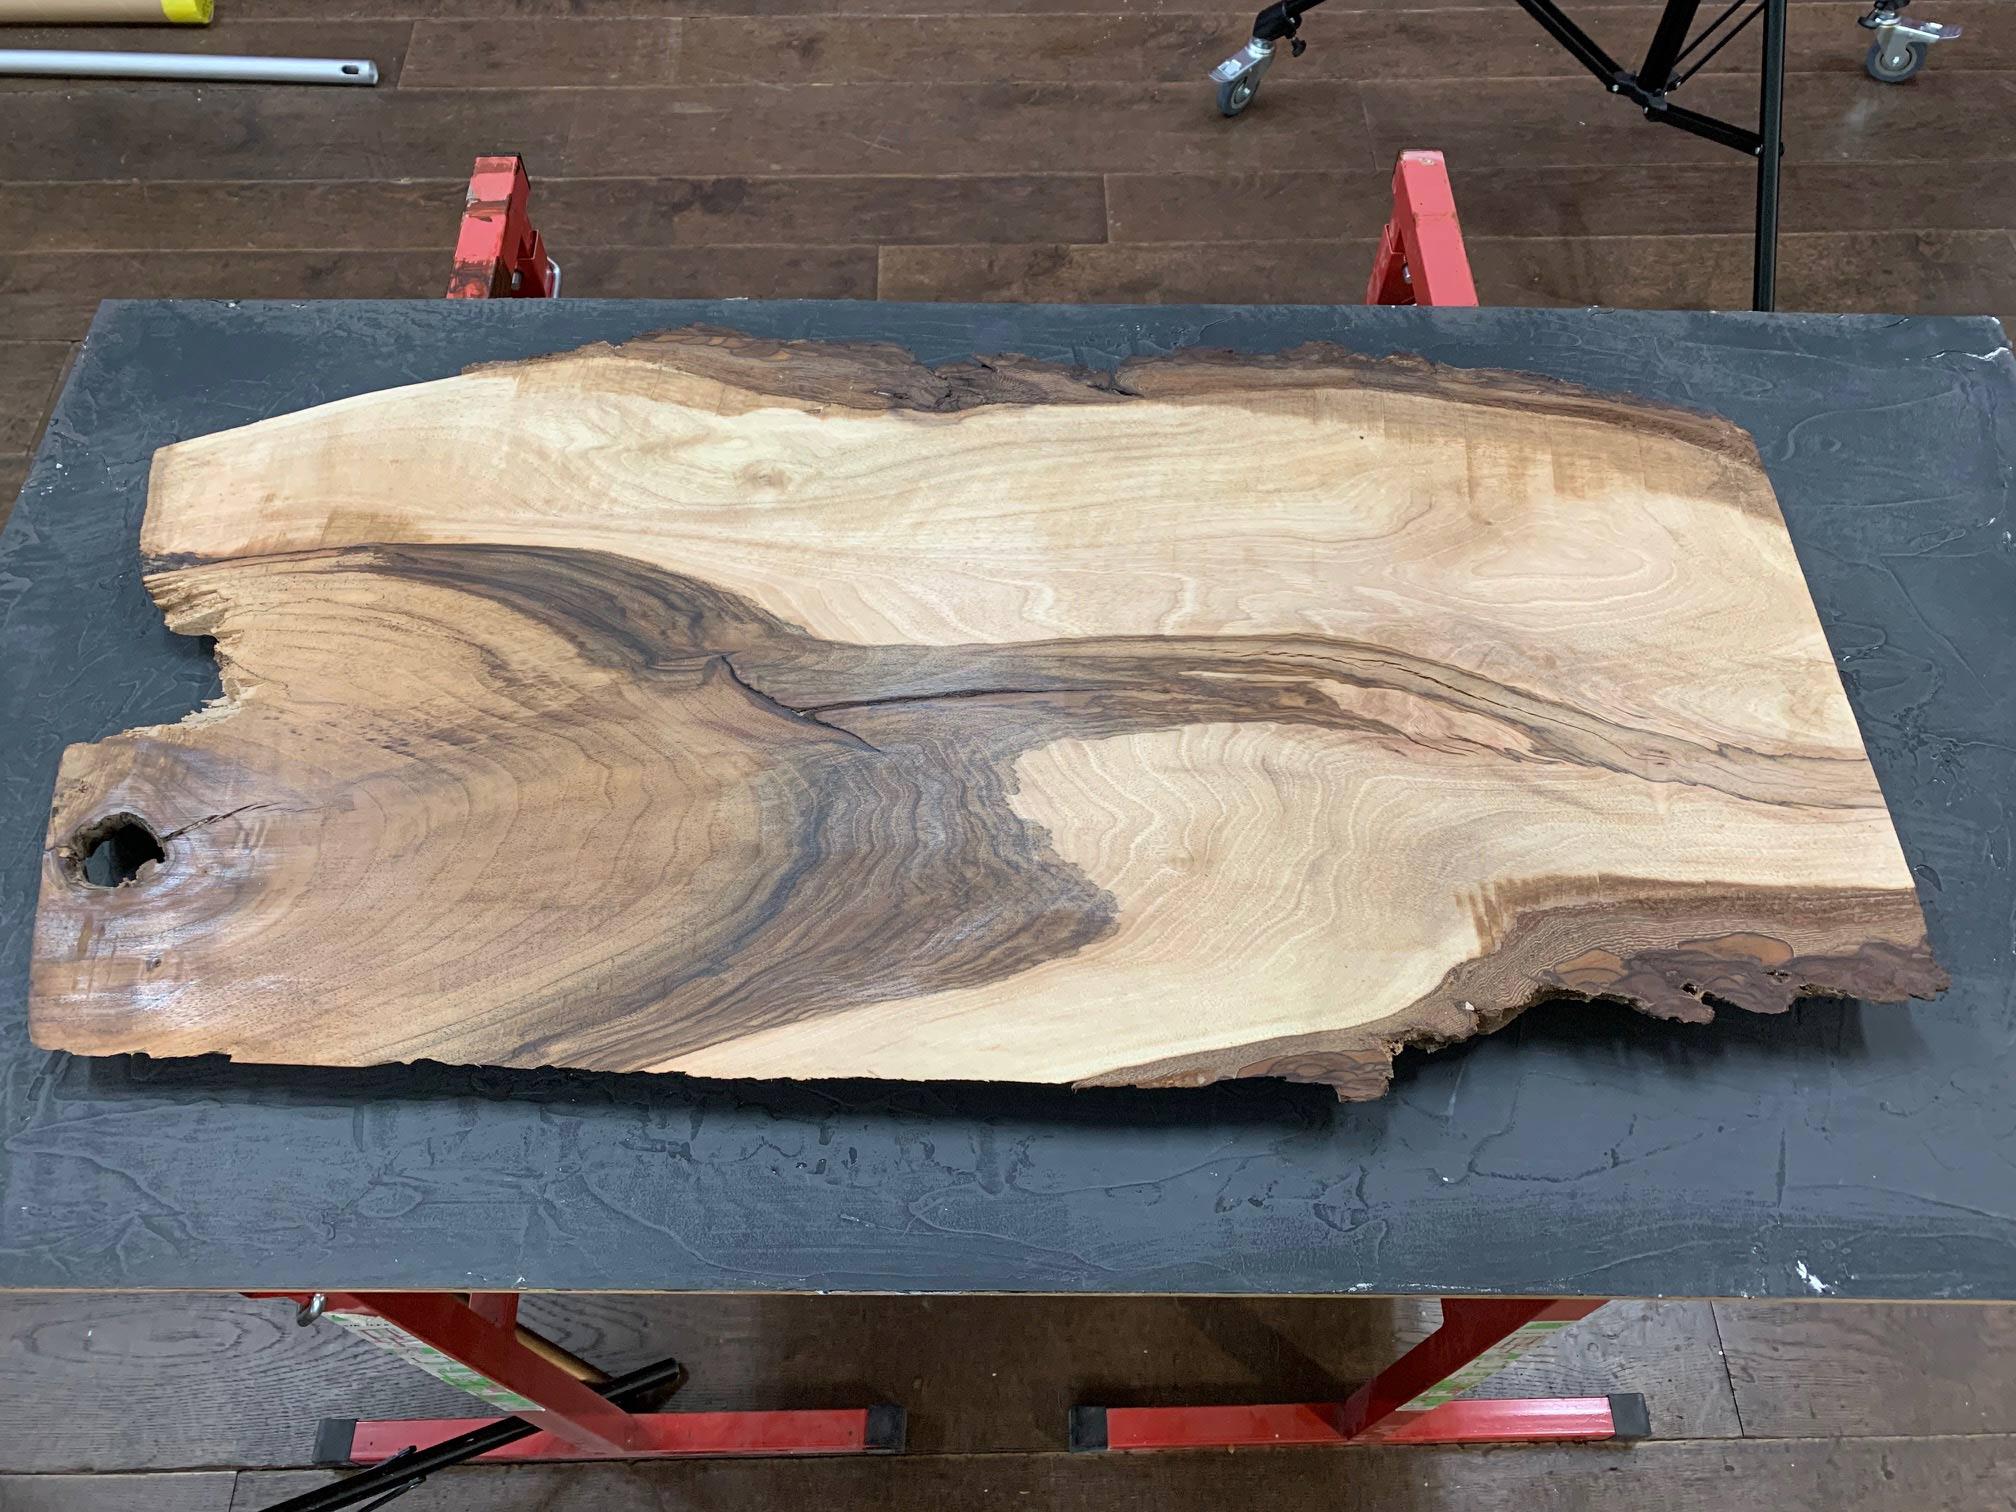 Wunderschönes Nussbaum-Woodboard von der Schreinerei Bruno Wittwer in Obfelden